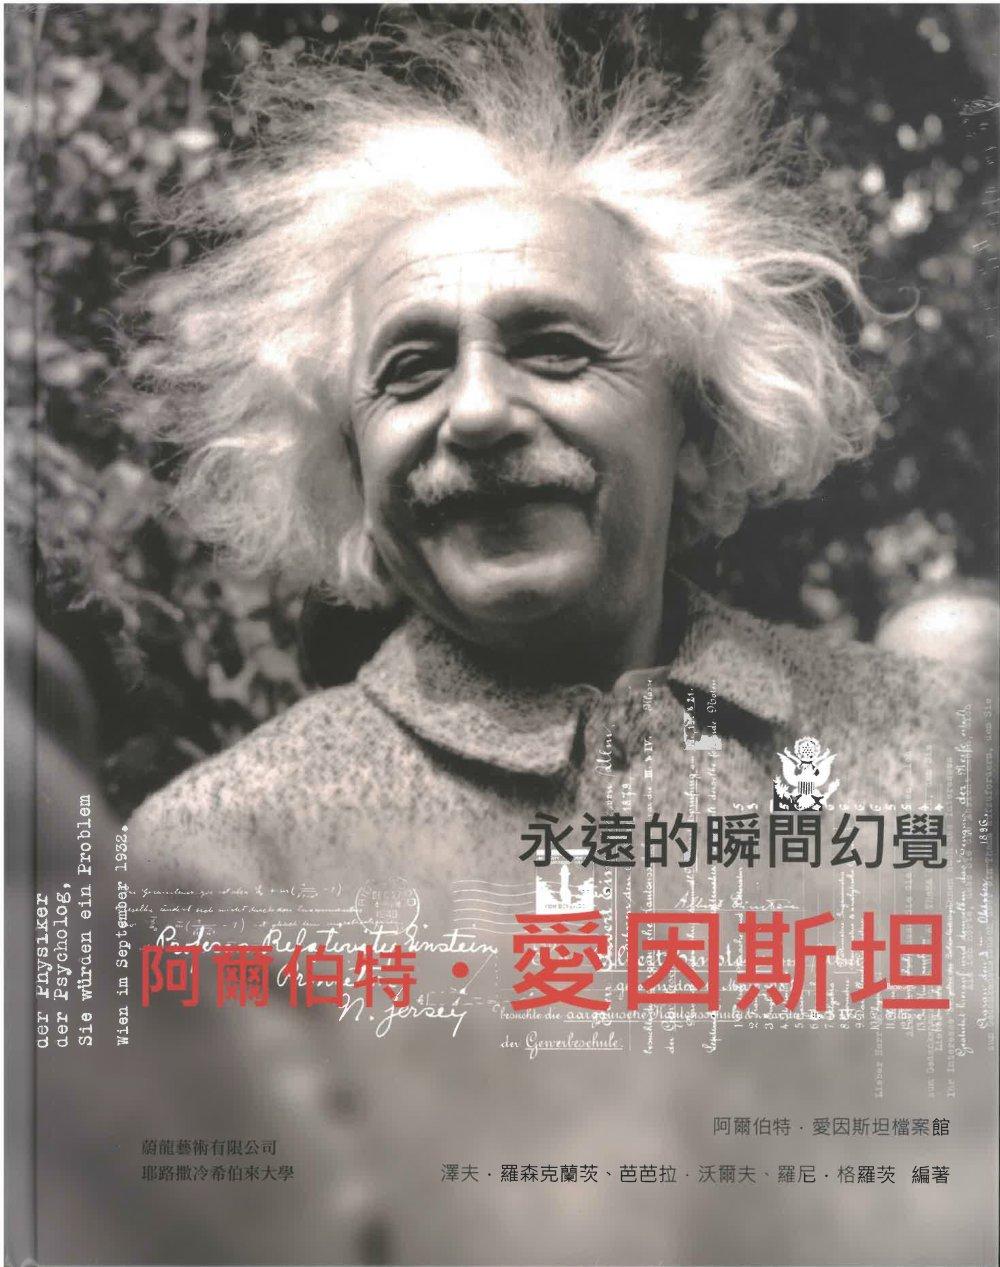 阿爾伯特‧愛因斯坦 永遠的瞬間幻覺